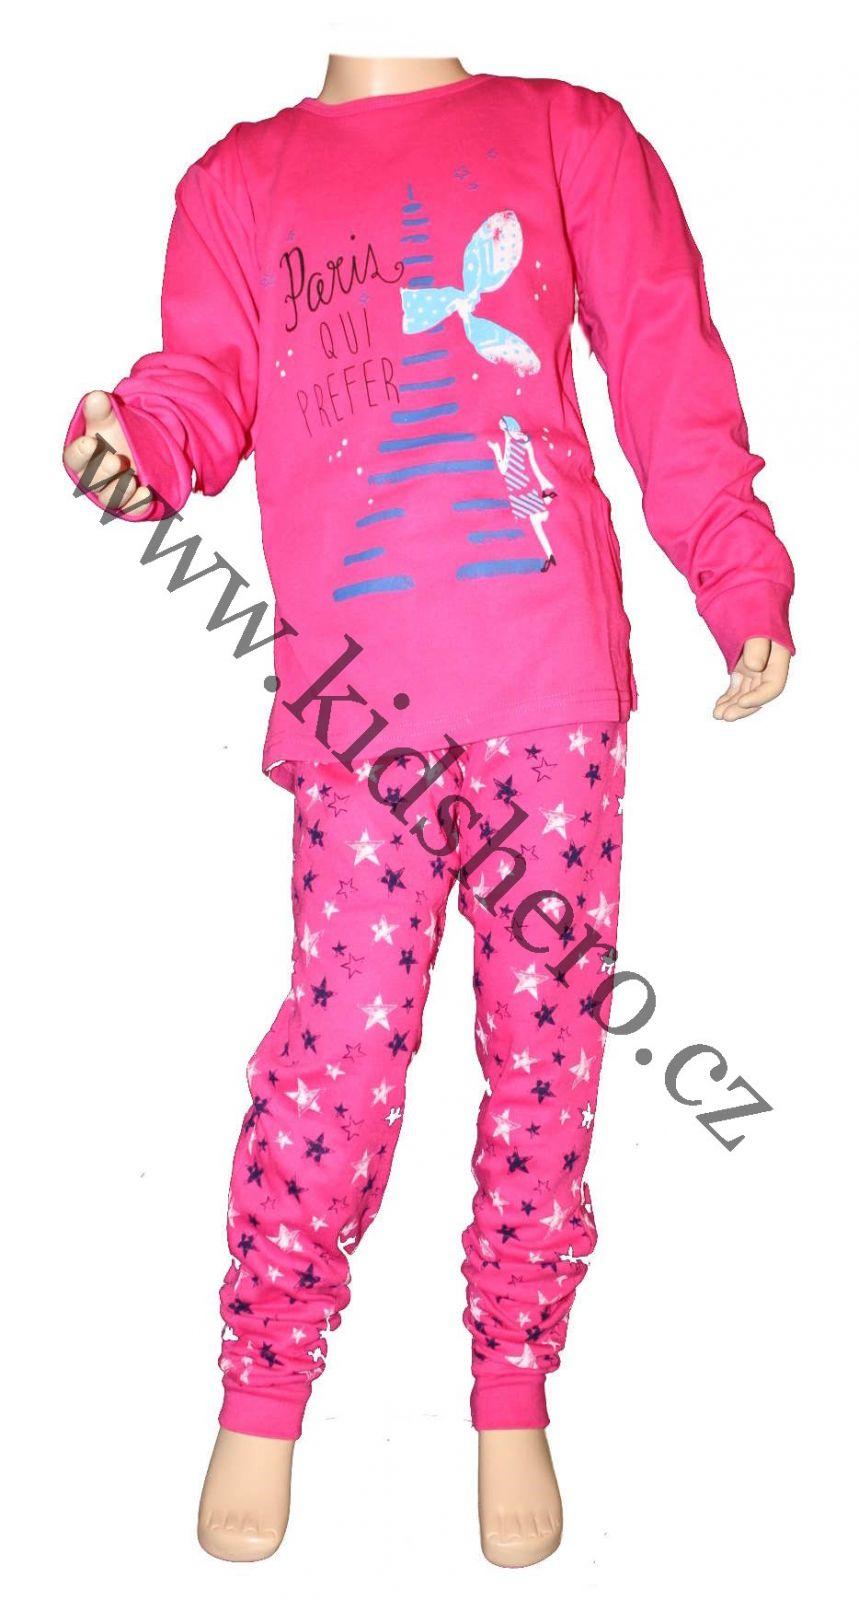 Dívčí pyžamo dětské bavlněné pyžamo dlouhé pyžamo